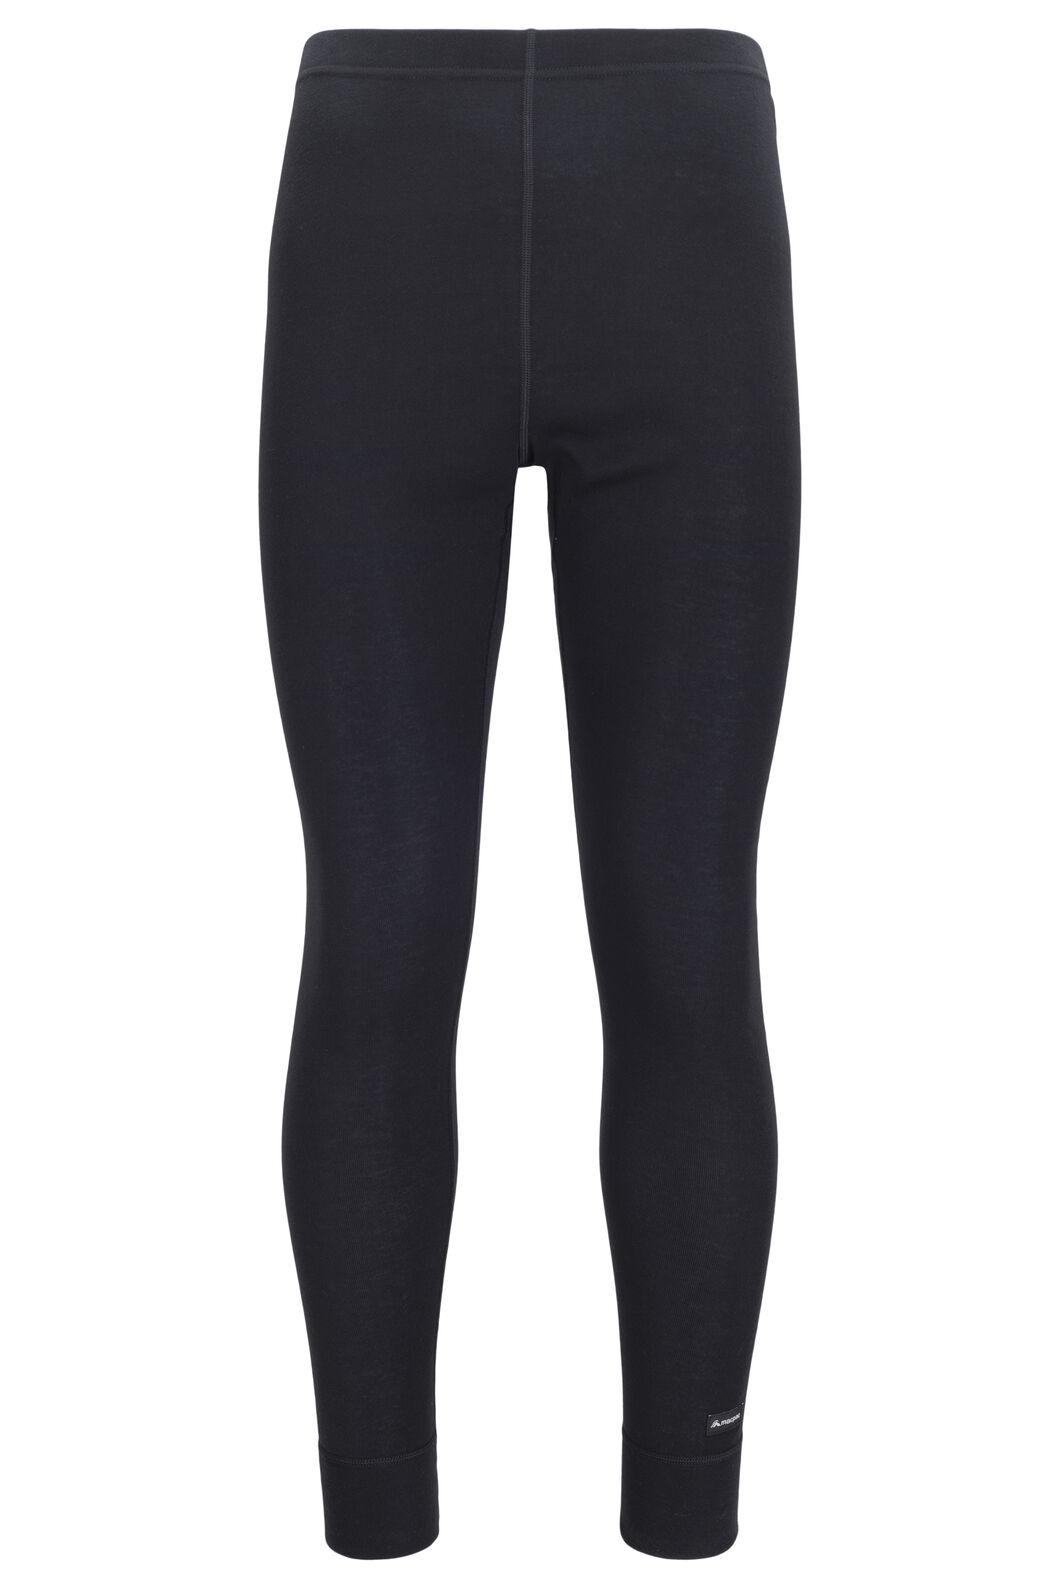 Macpac Geothermal Pants — Men's, Black, hi-res